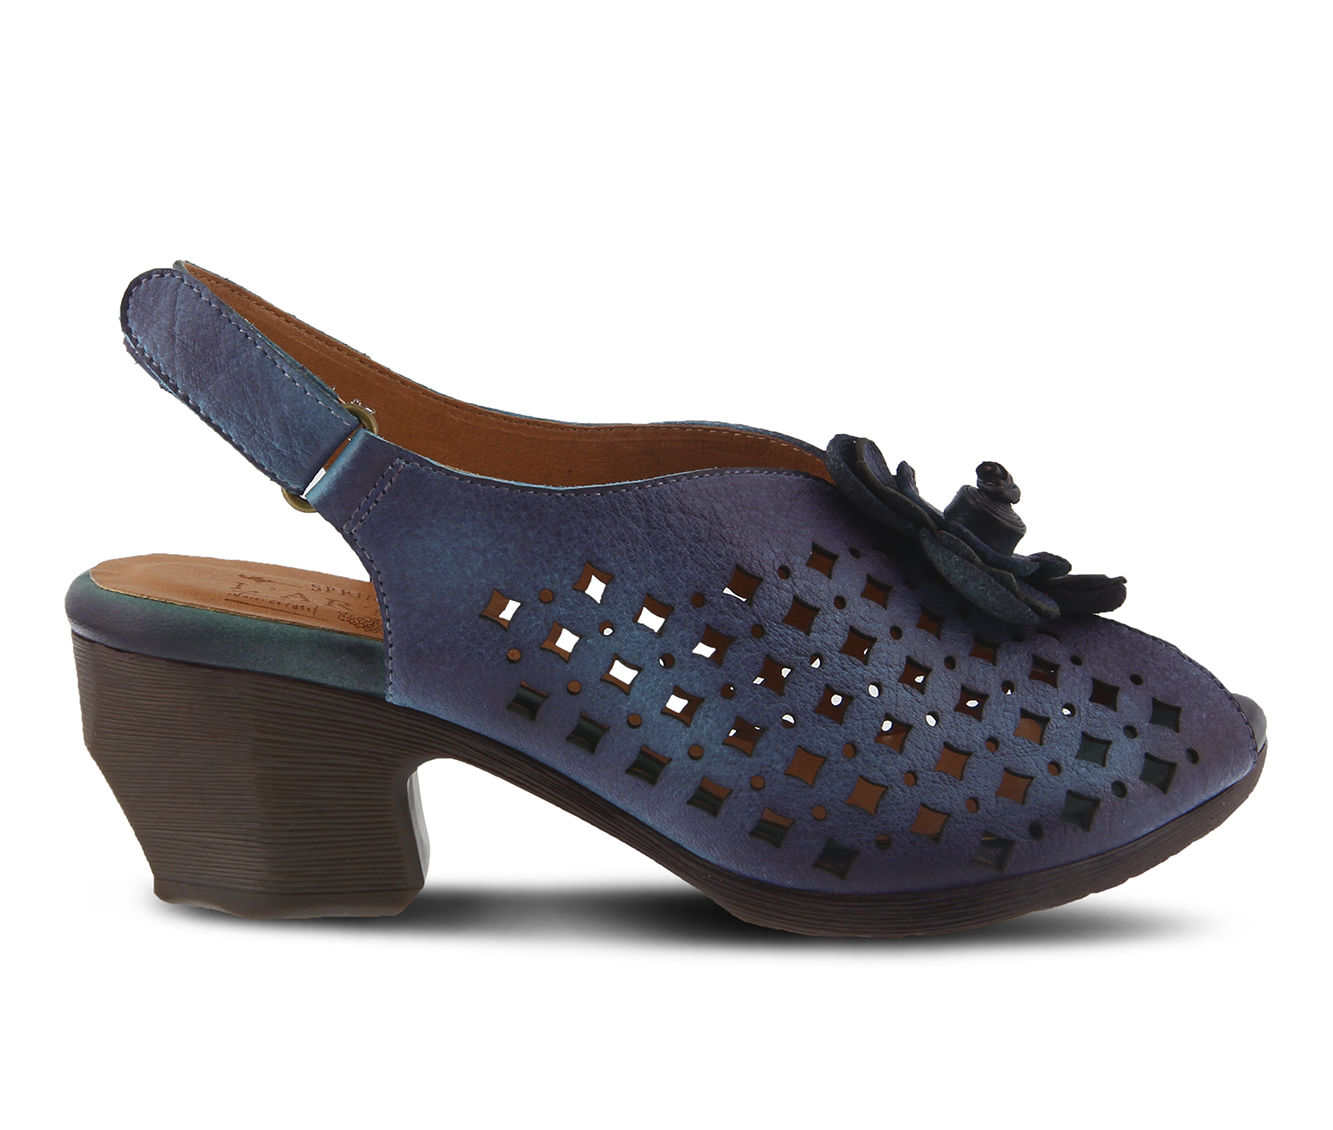 L'Artiste Lovella Women's Dress Shoe (Blue Leather)